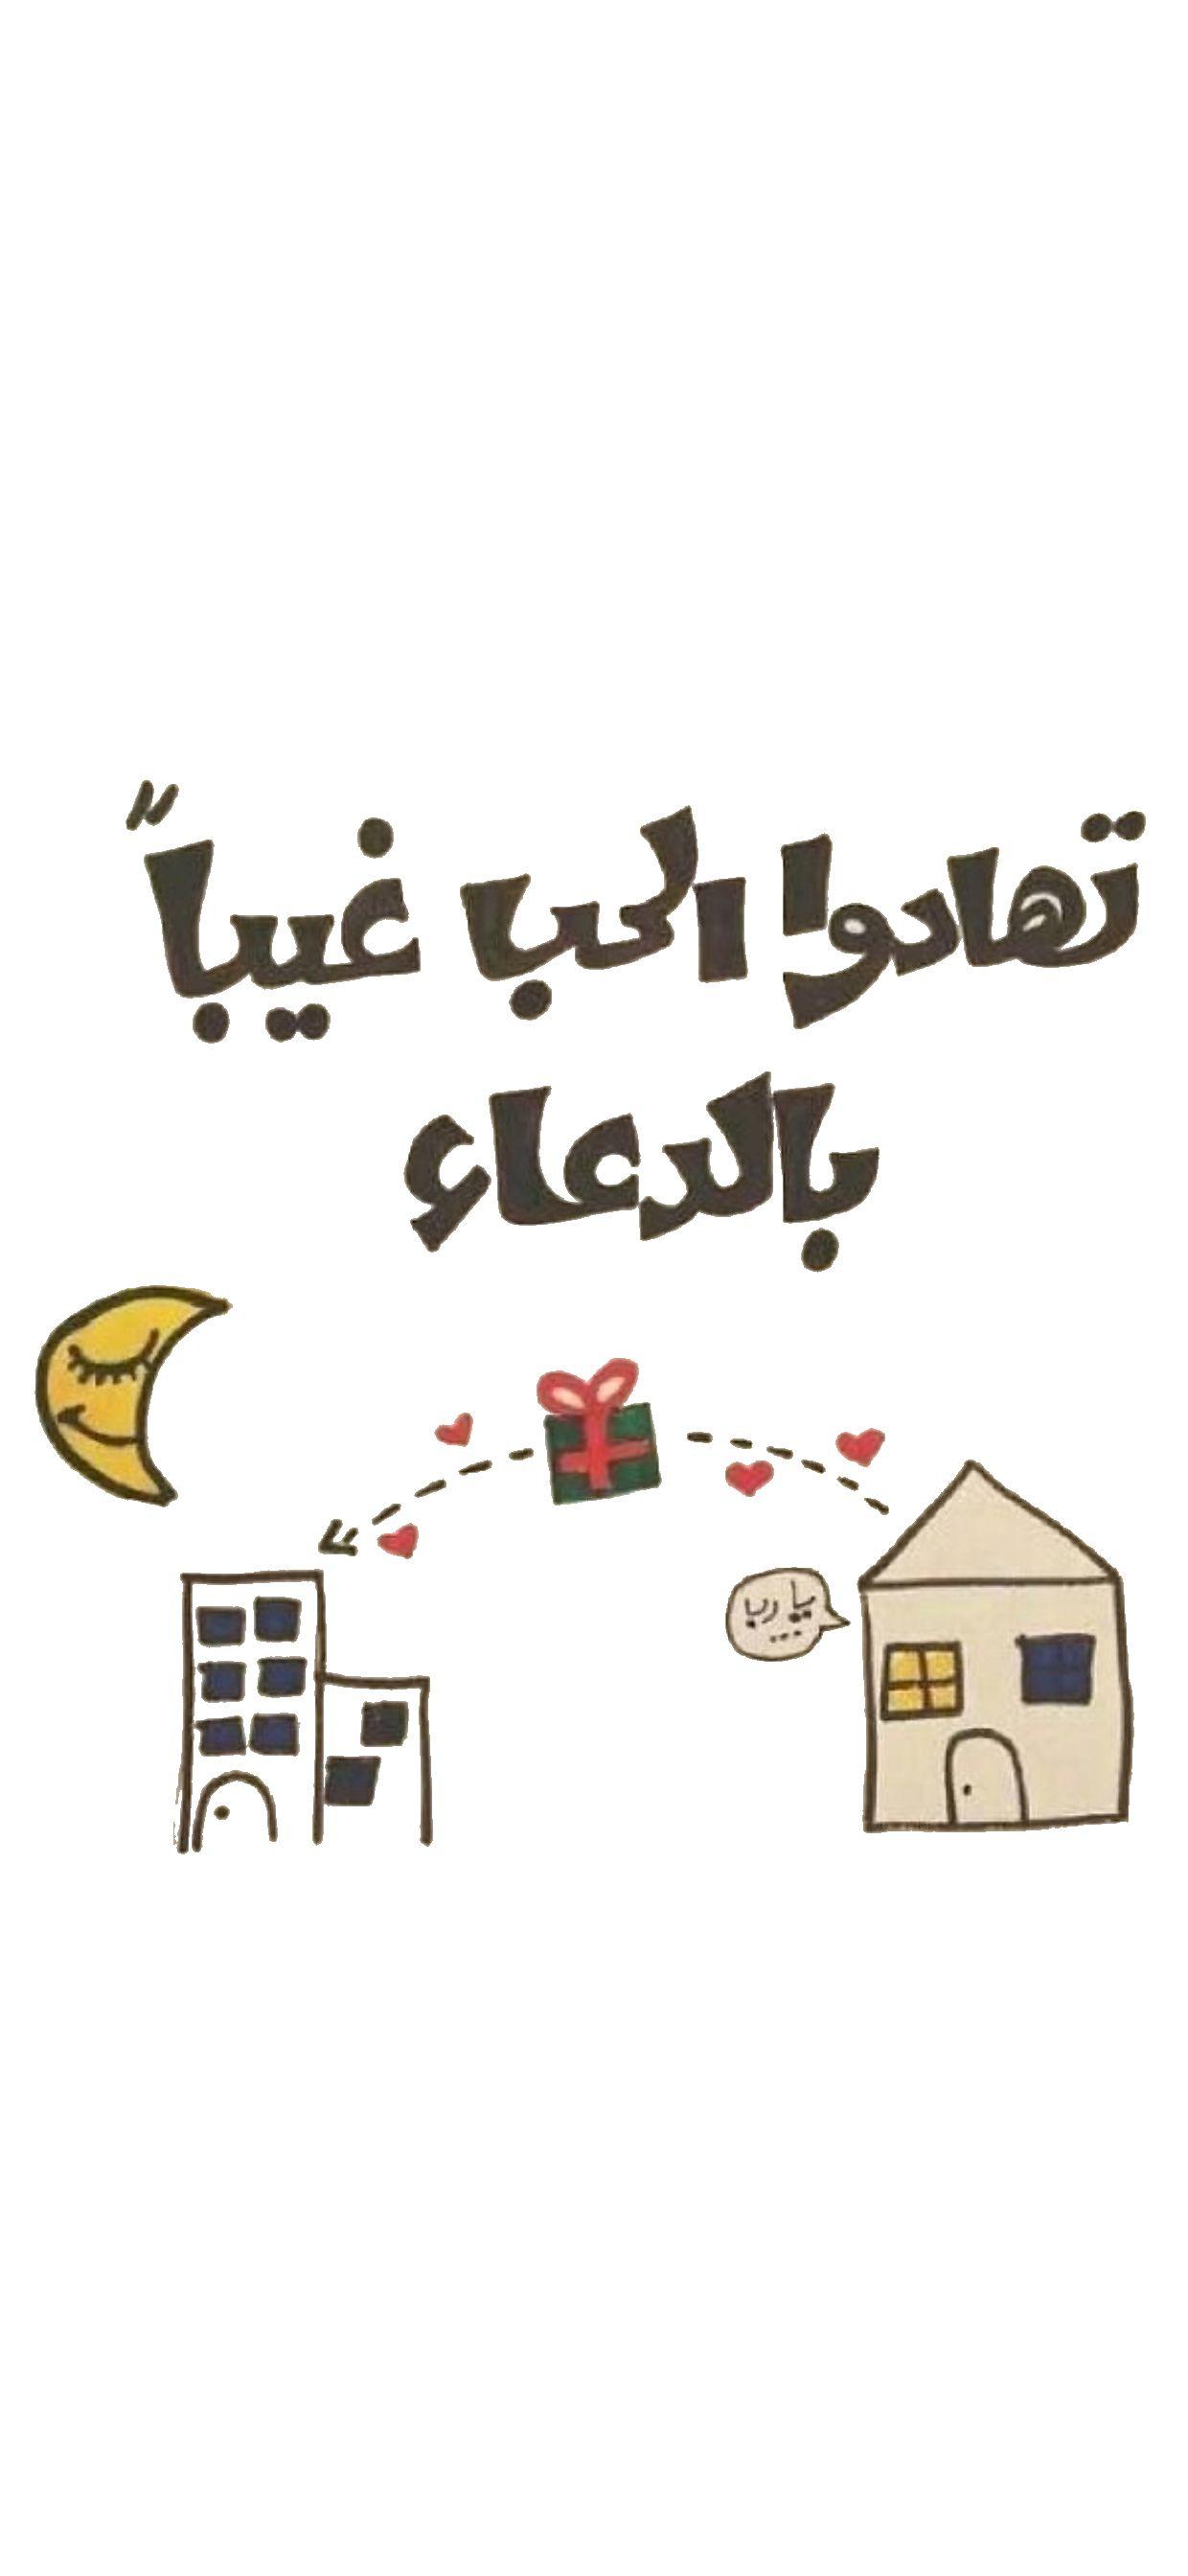 السعوديه الخليج رمضان الشرق الأوسط سناب كويت فايروس كورونا تصميم شعار لوقو دعاء Painting Art Projects Graphic Poster Islamic Messages